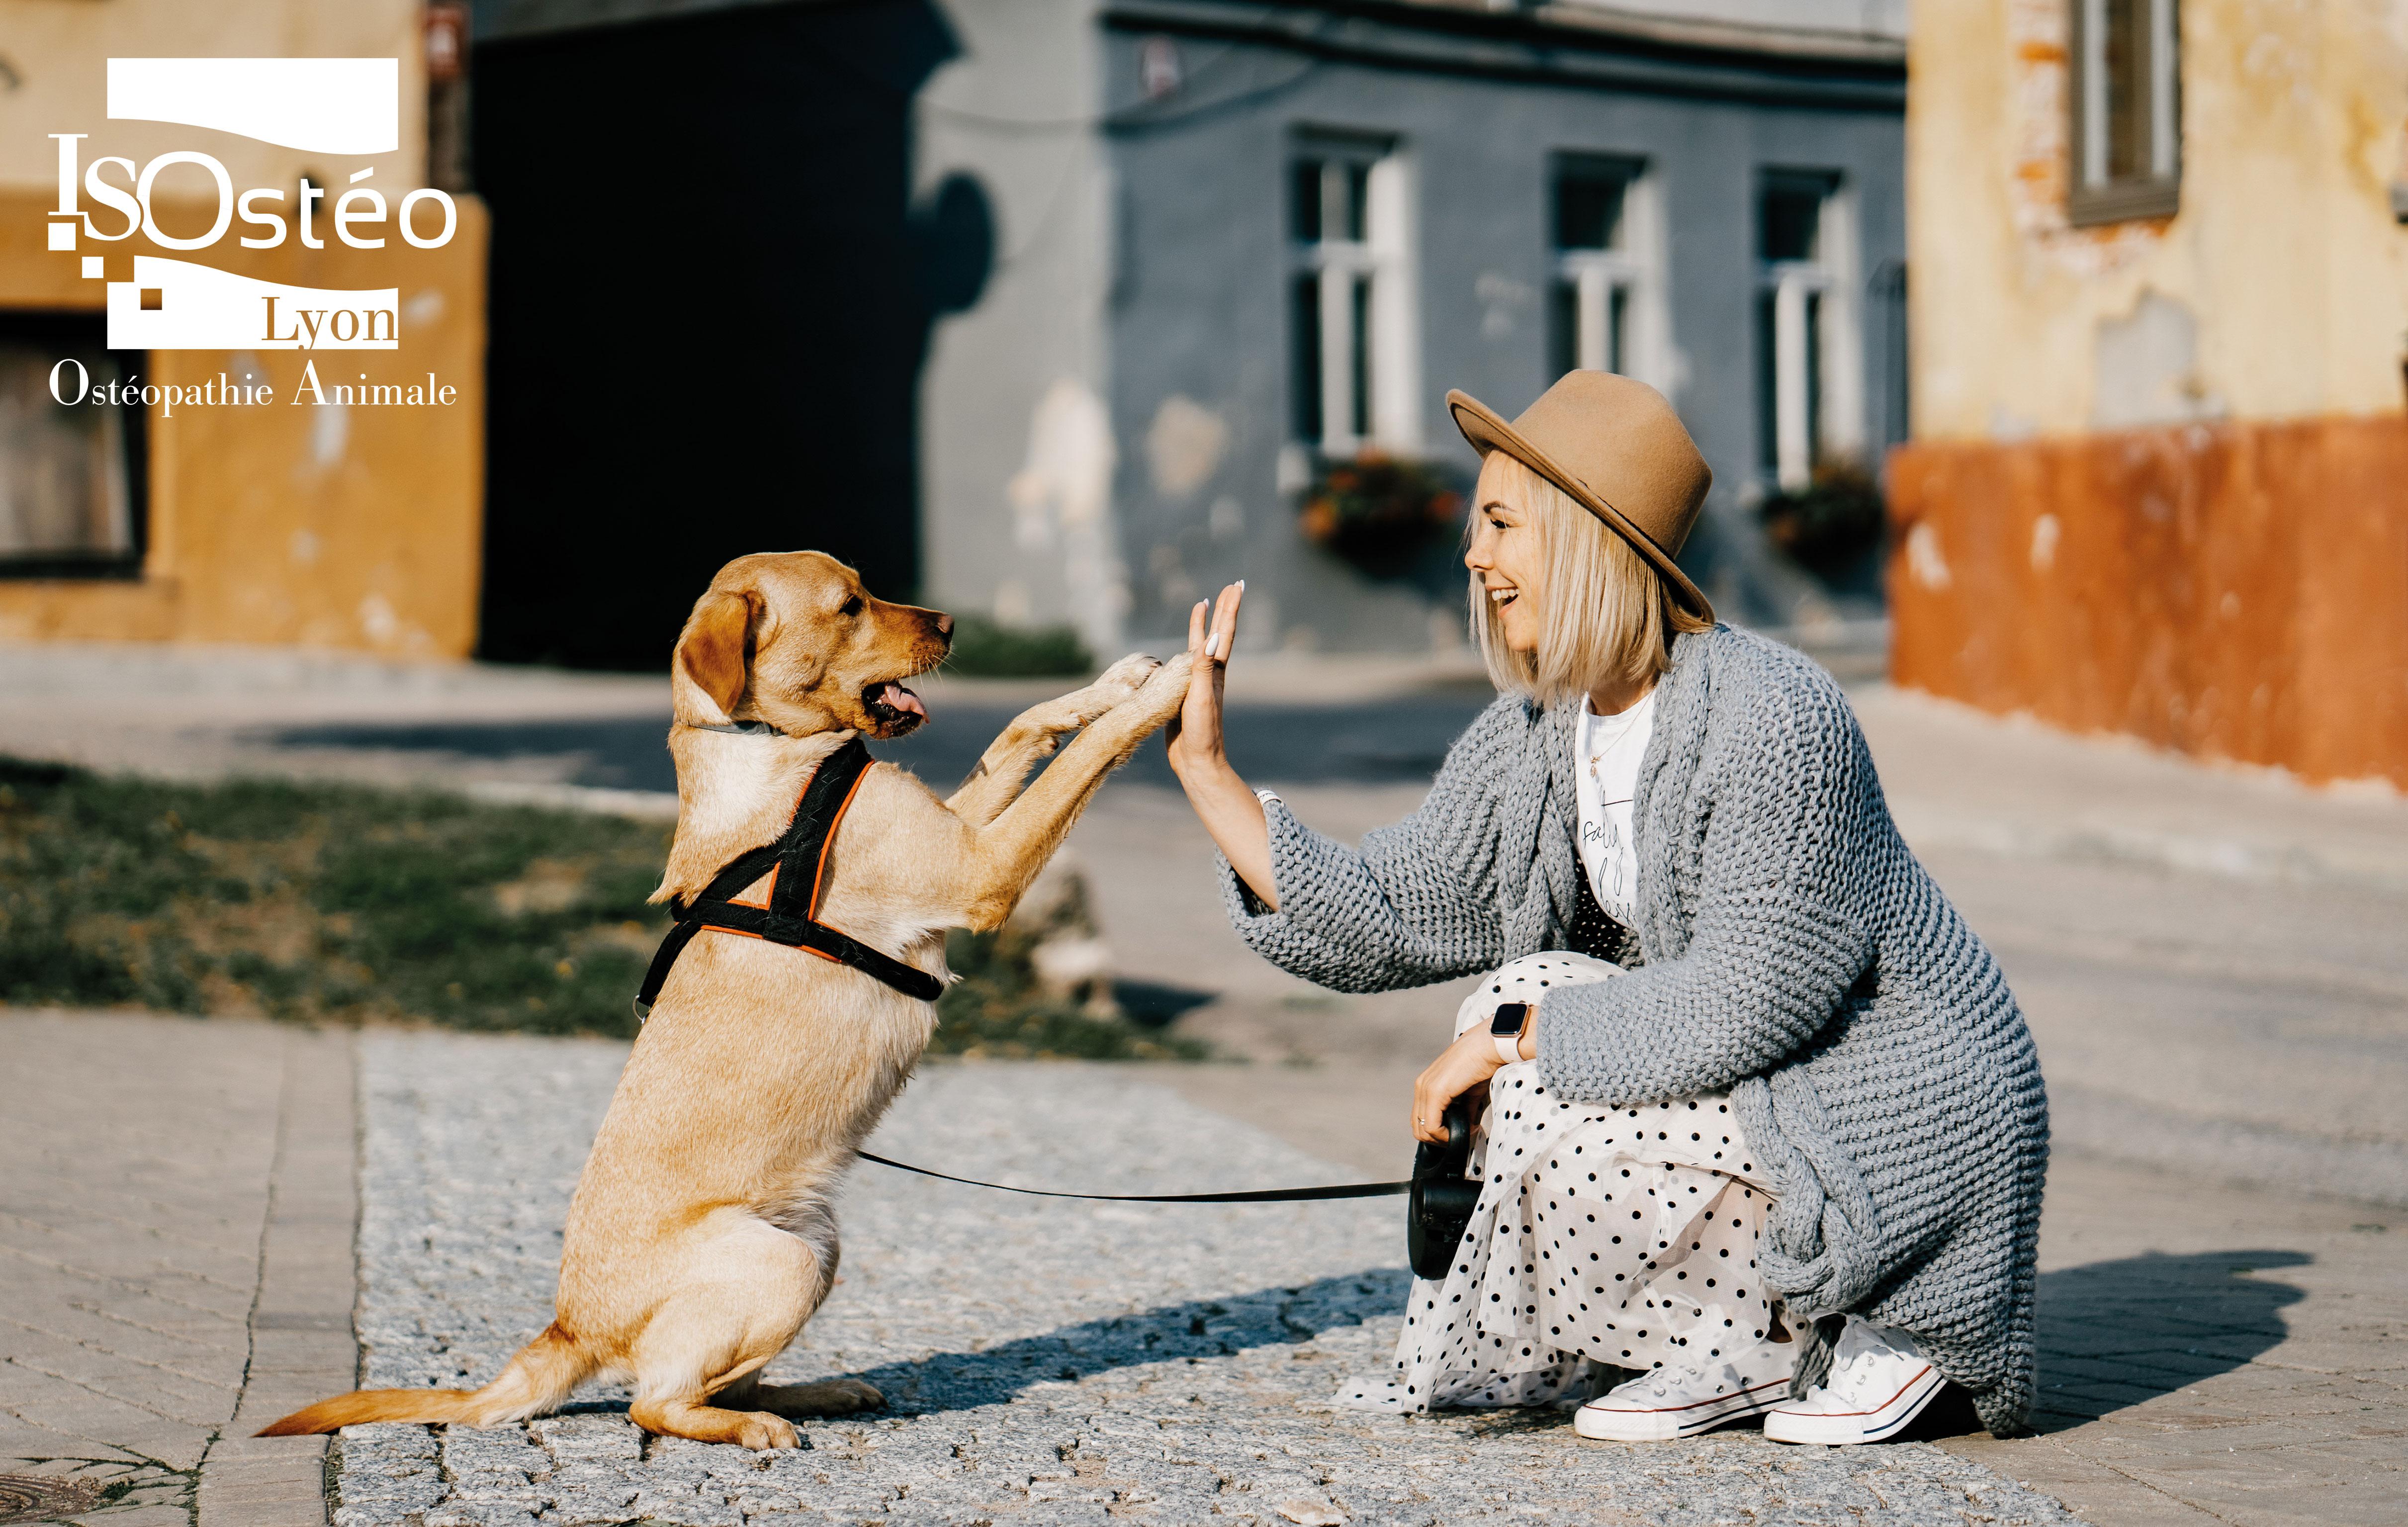 chien debout qui tape ses pattes contre la main d'une femme accroupie en face de lui. Représente une soignante qui revient voir son patient en bonne santé. Logo ISOstéo Animale blanc en haut à gauche de la photo